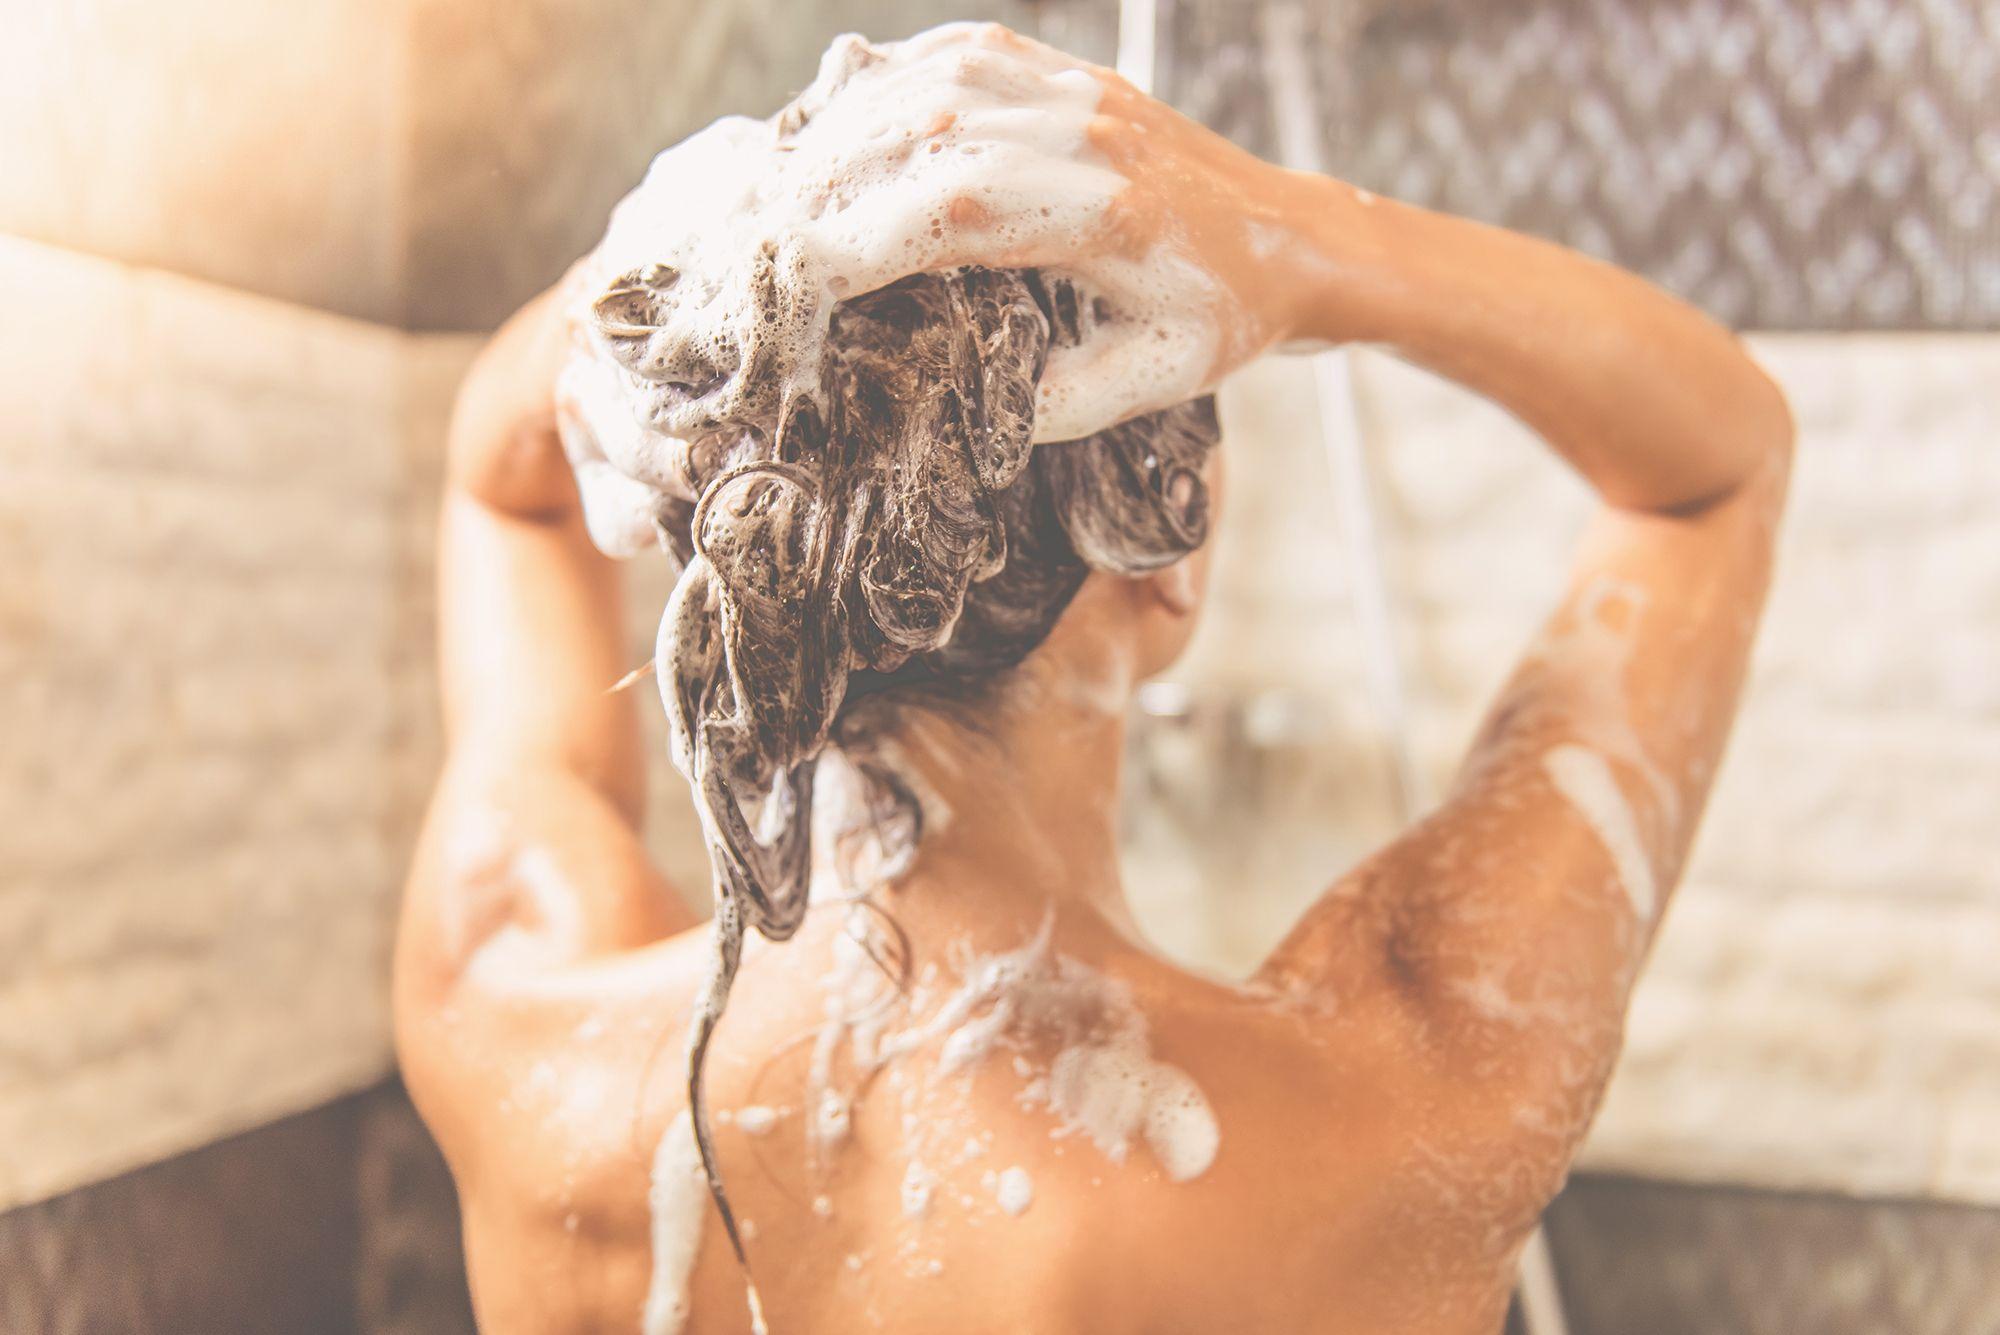 caldo sotto la doccia